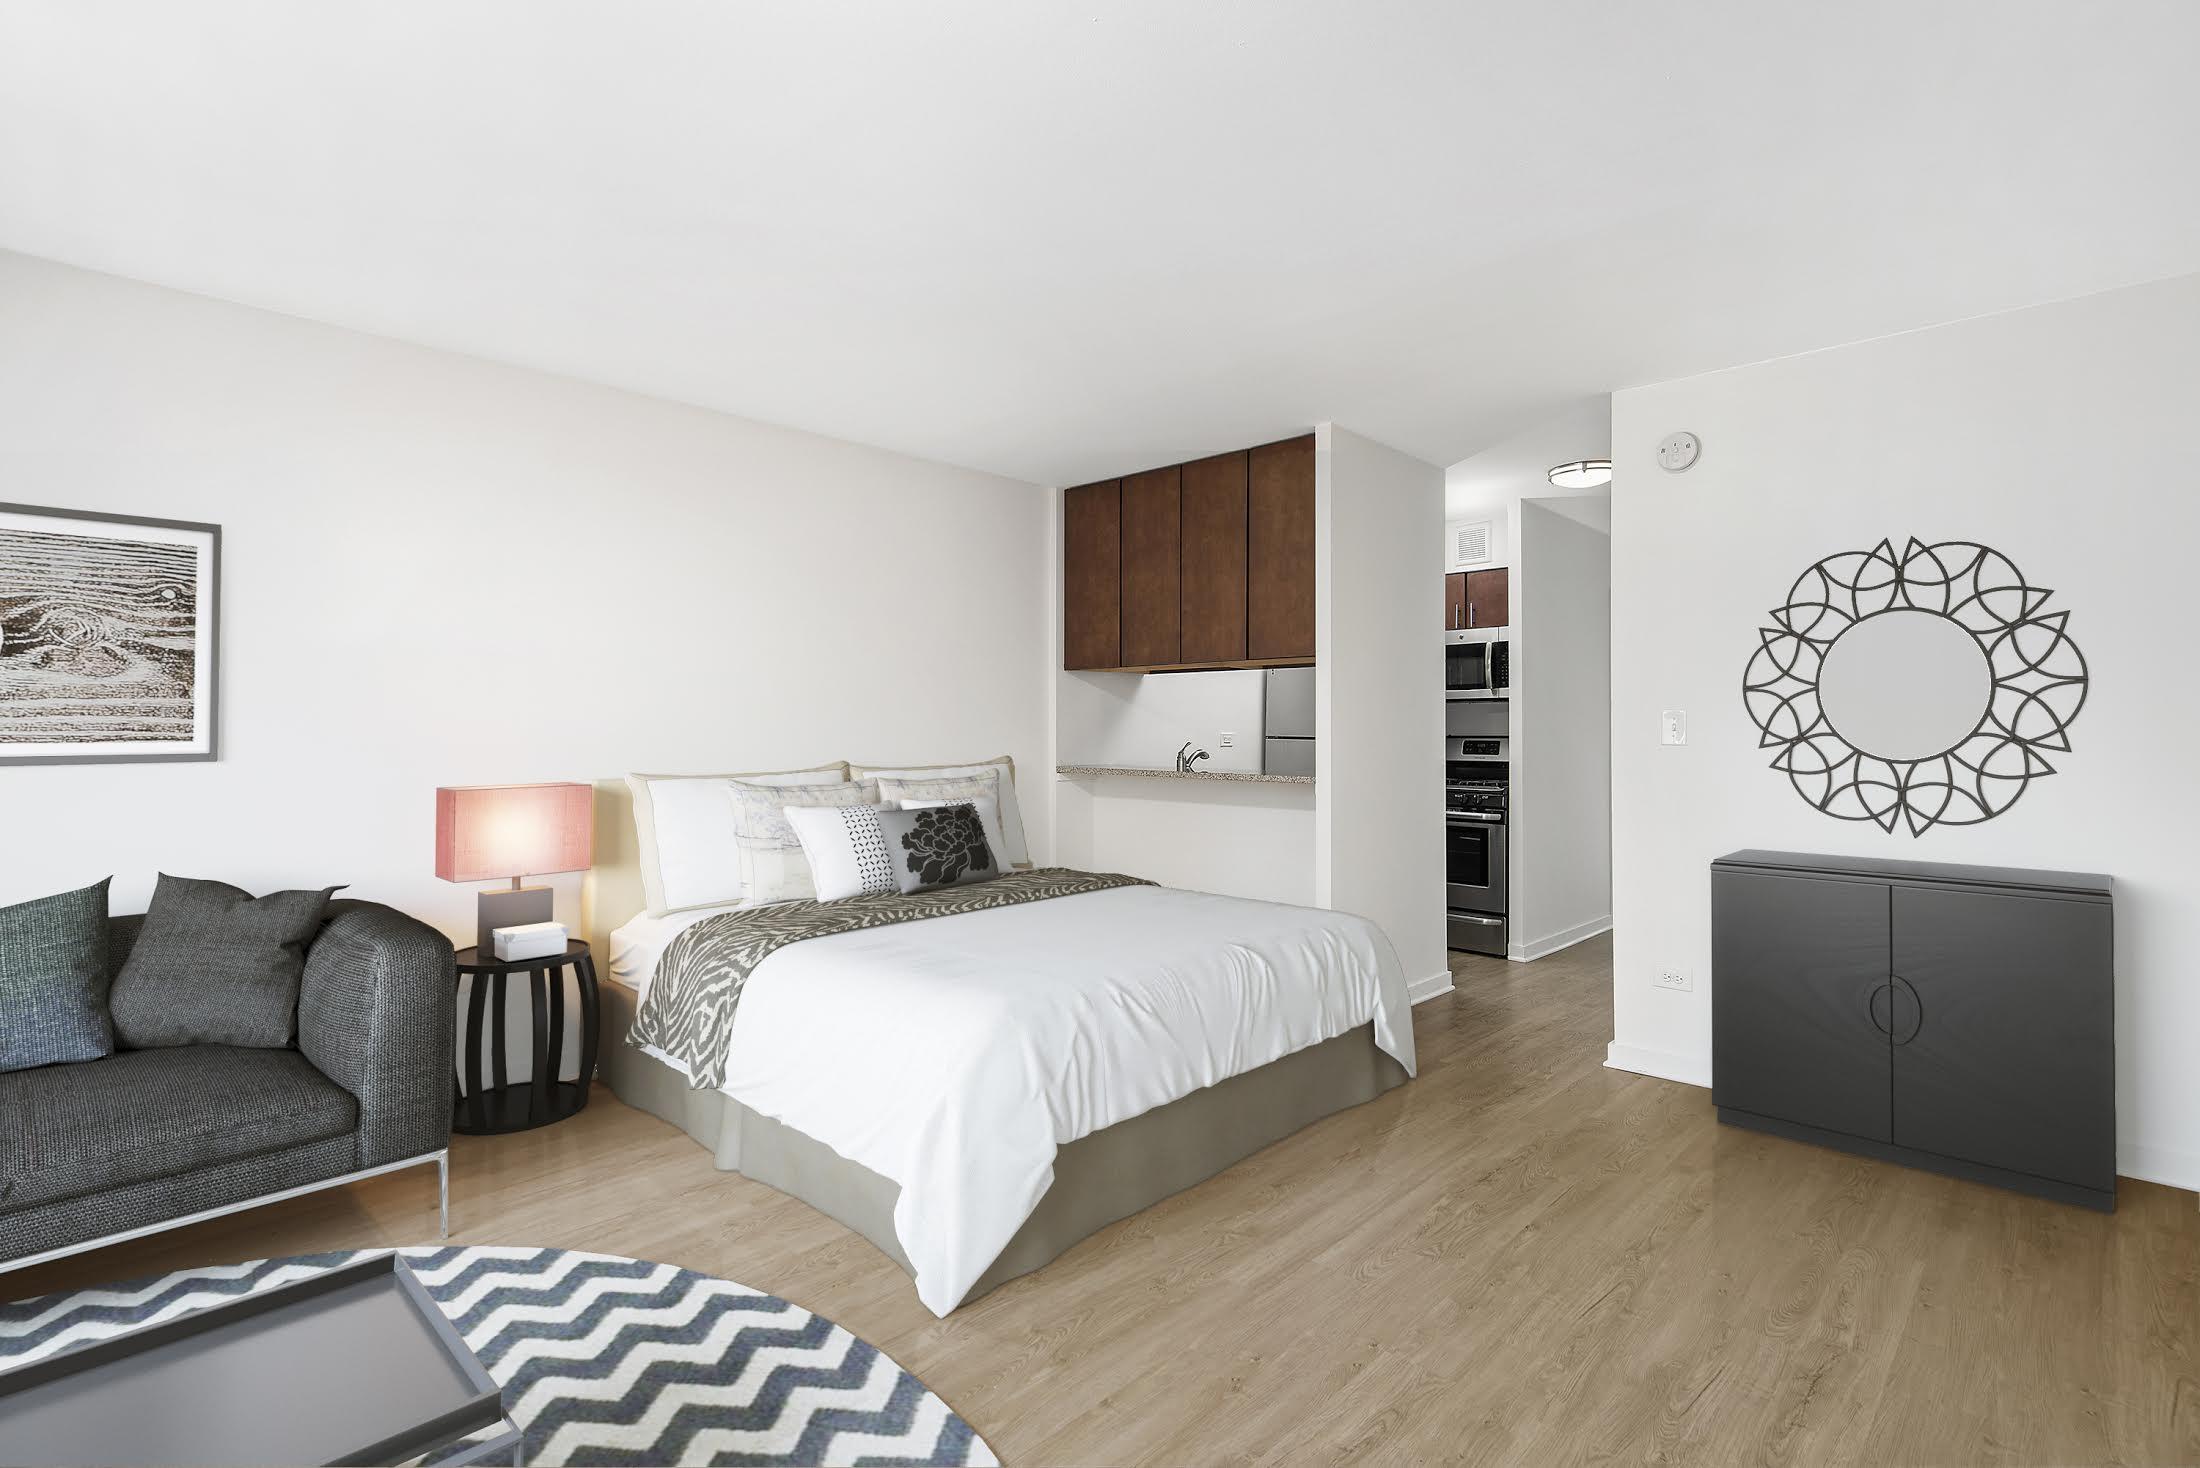 studio-vs-one-bedroom